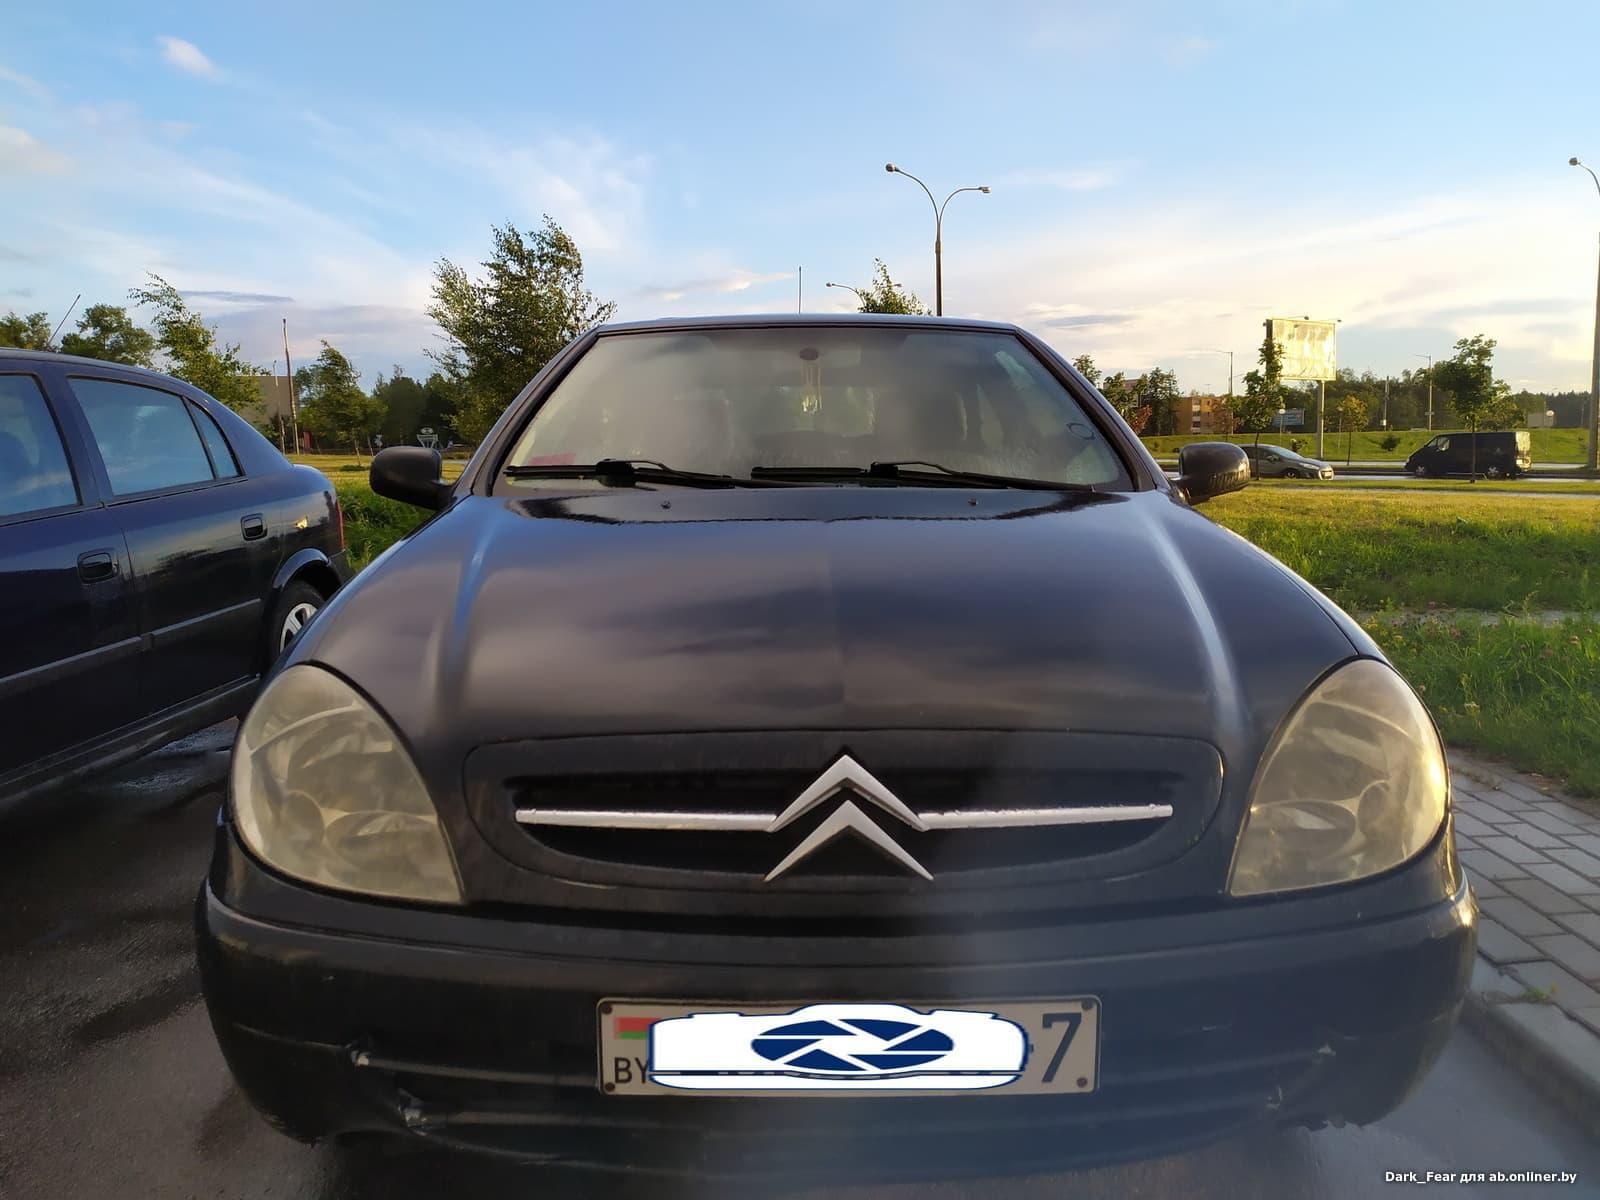 Citroen Xsara VTR